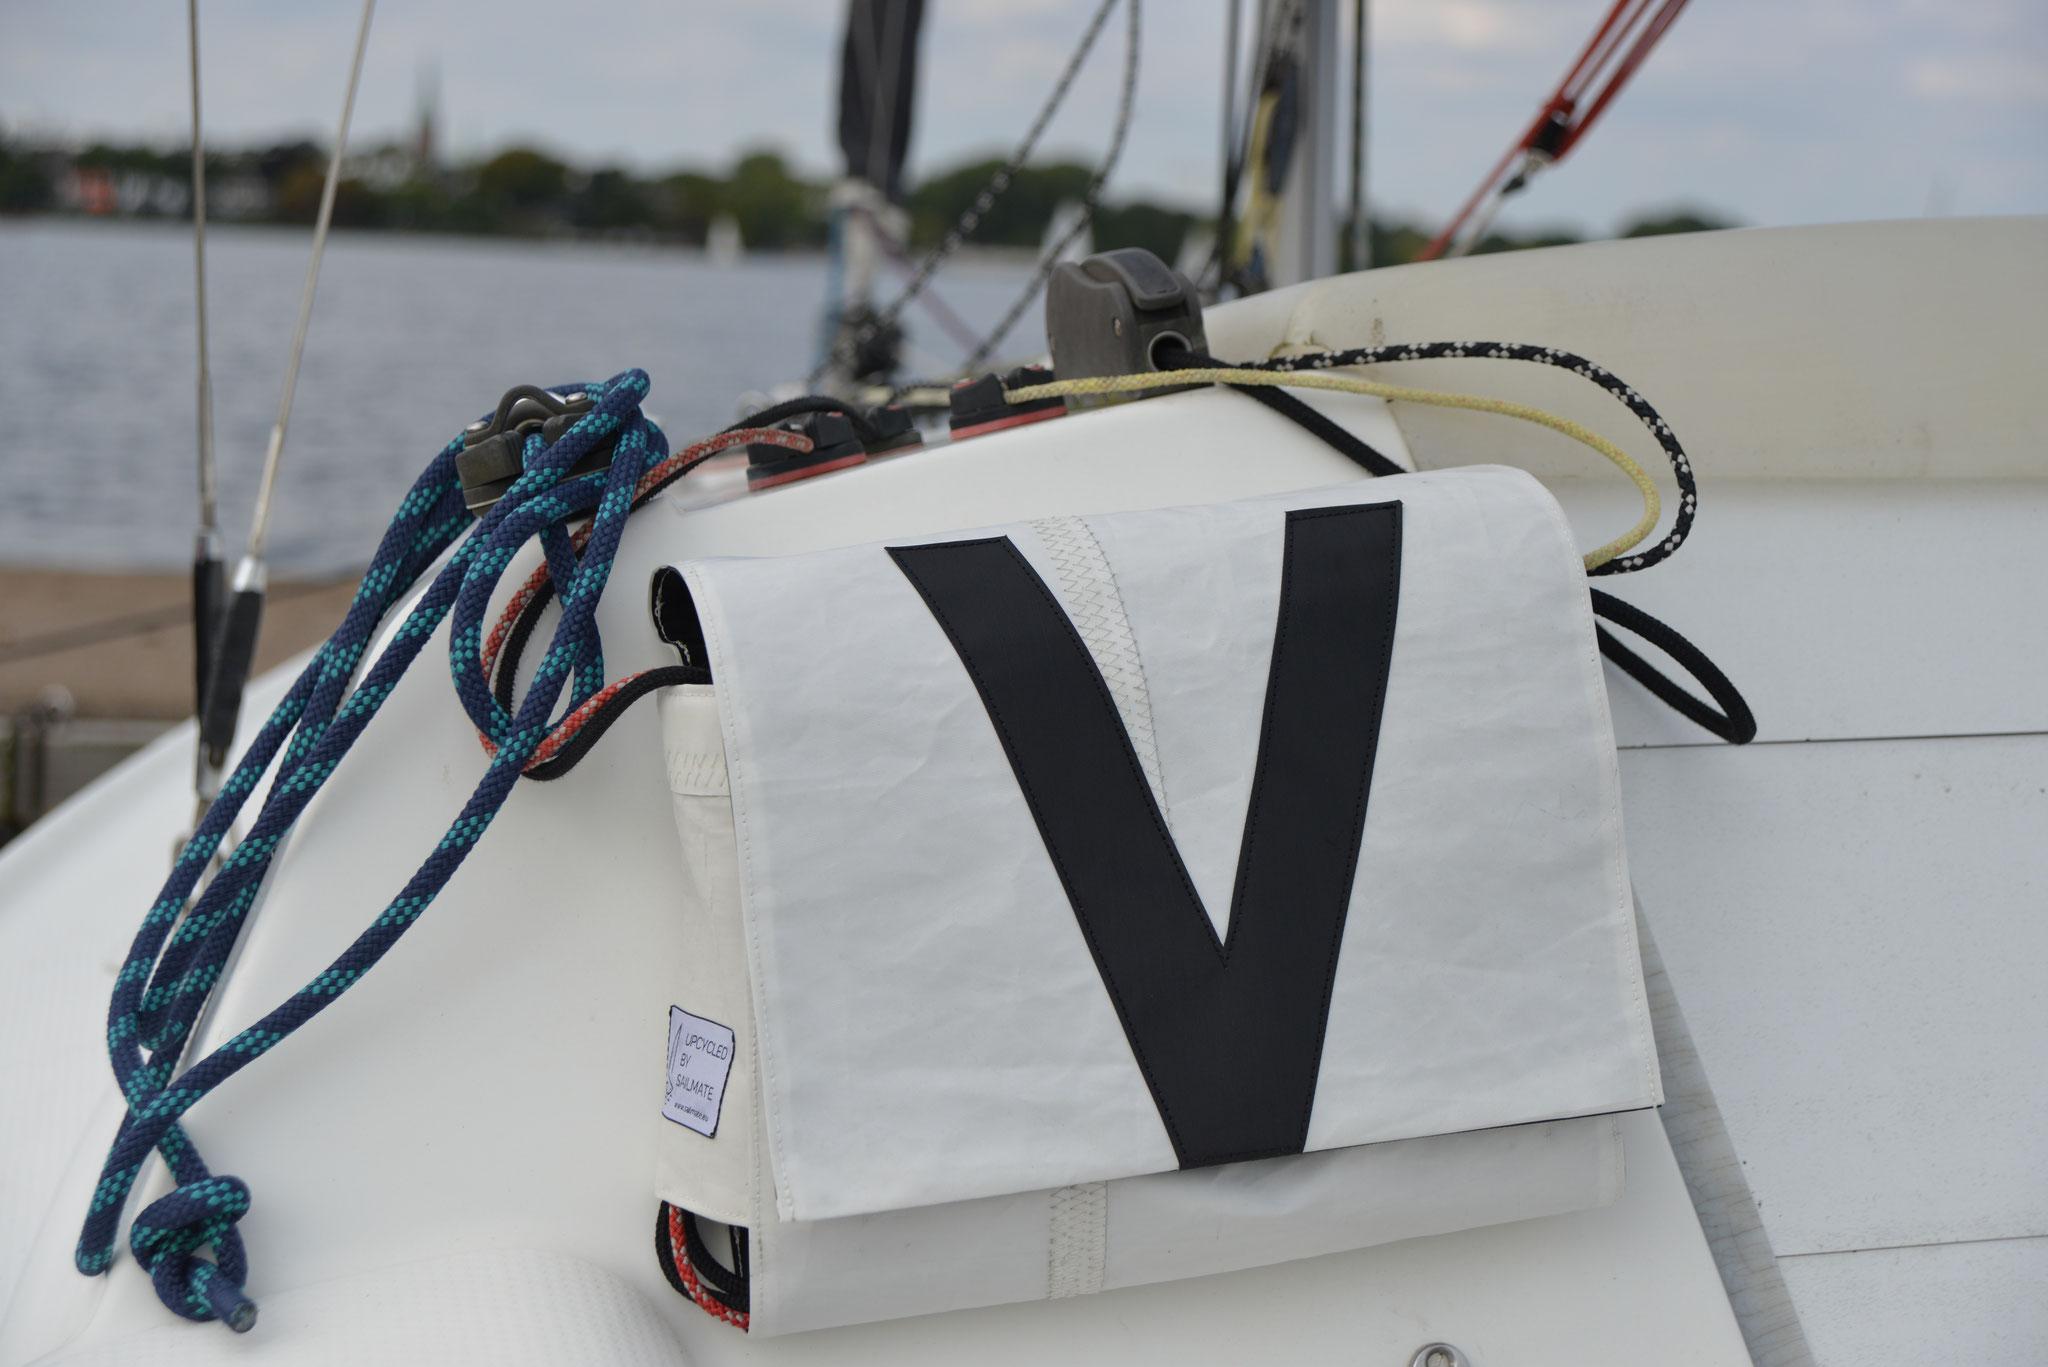 die Taschen haben den cleanen VARIANTA 18 look in schwarz und weiss. Auf der Backbord- Tasche ist das V eingearbeitet und auf der Steuerbordtasche- Tasche das A